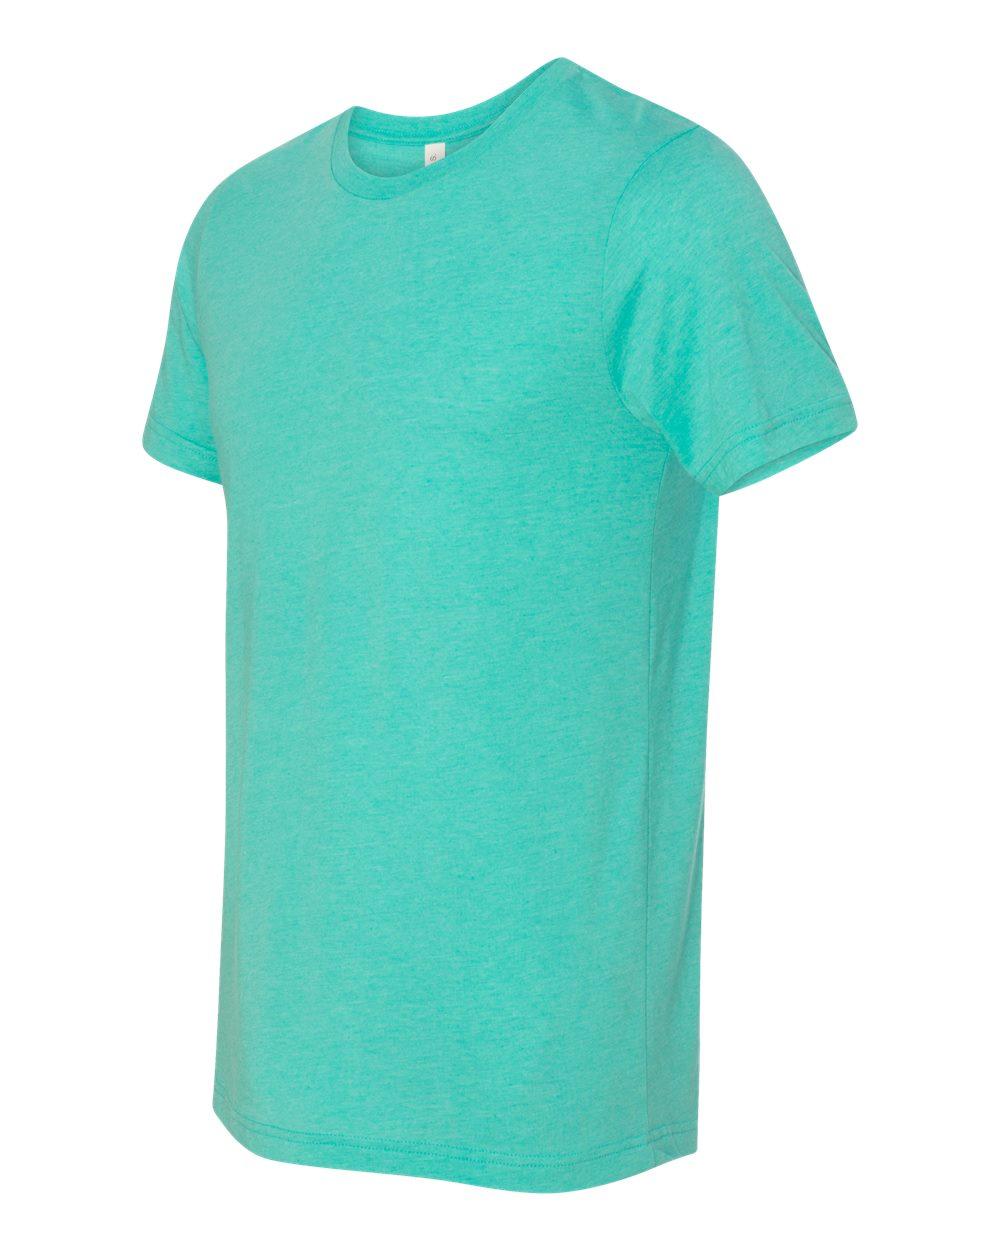 Long Tee Shirts For Women